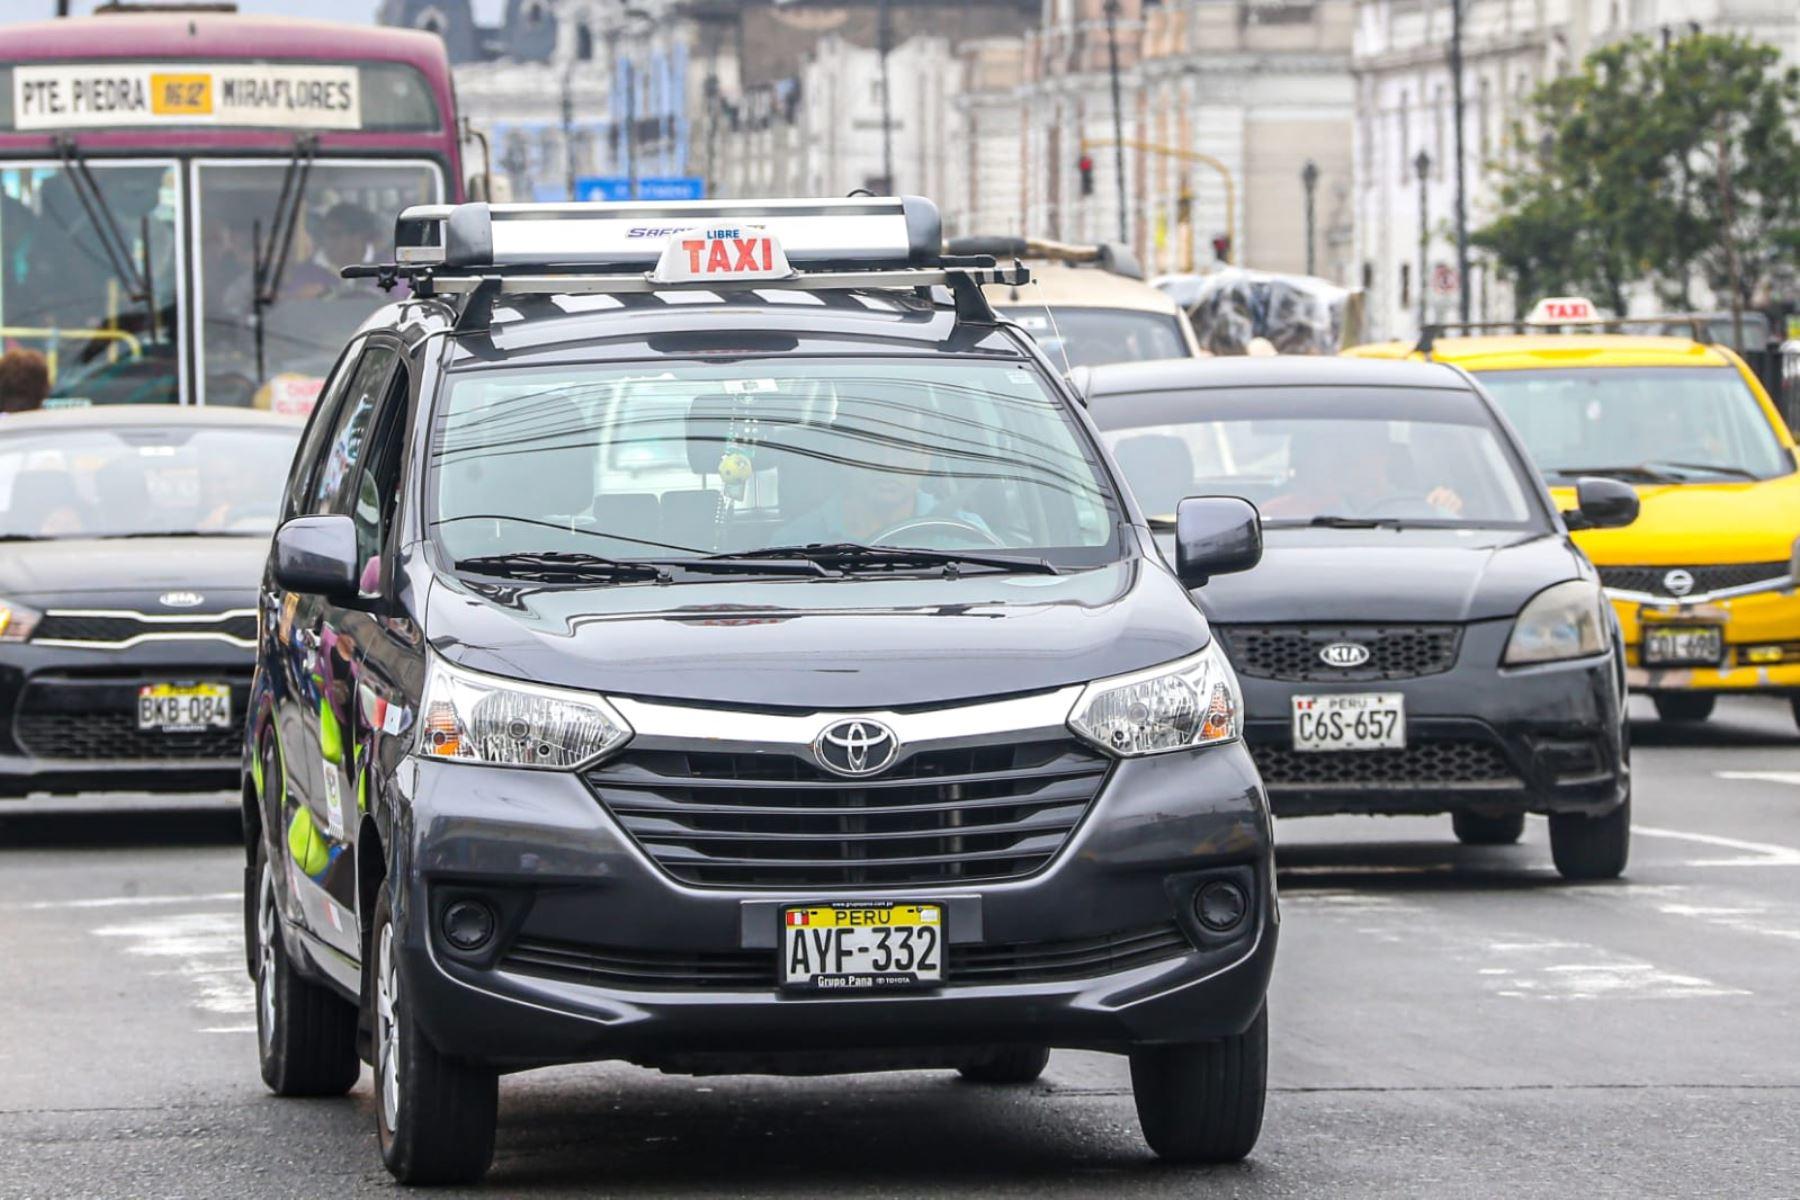 ¡Atención! Taxistas ahora podrán llevar hasta tres pasajeros en sus unidades. Foto: ANDINA/Difusión.